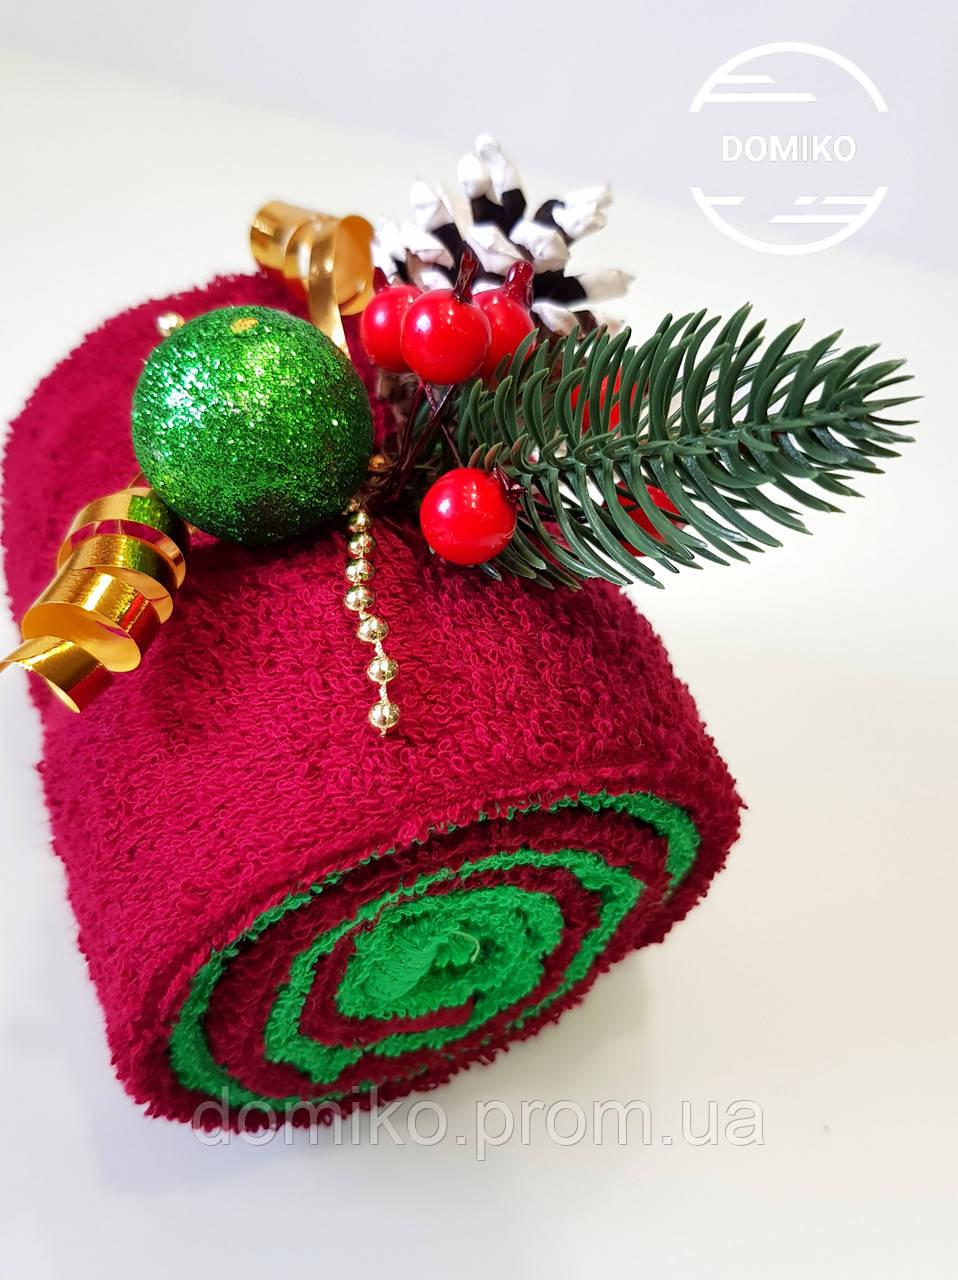 Подарок из полотенец Рулет новогодний